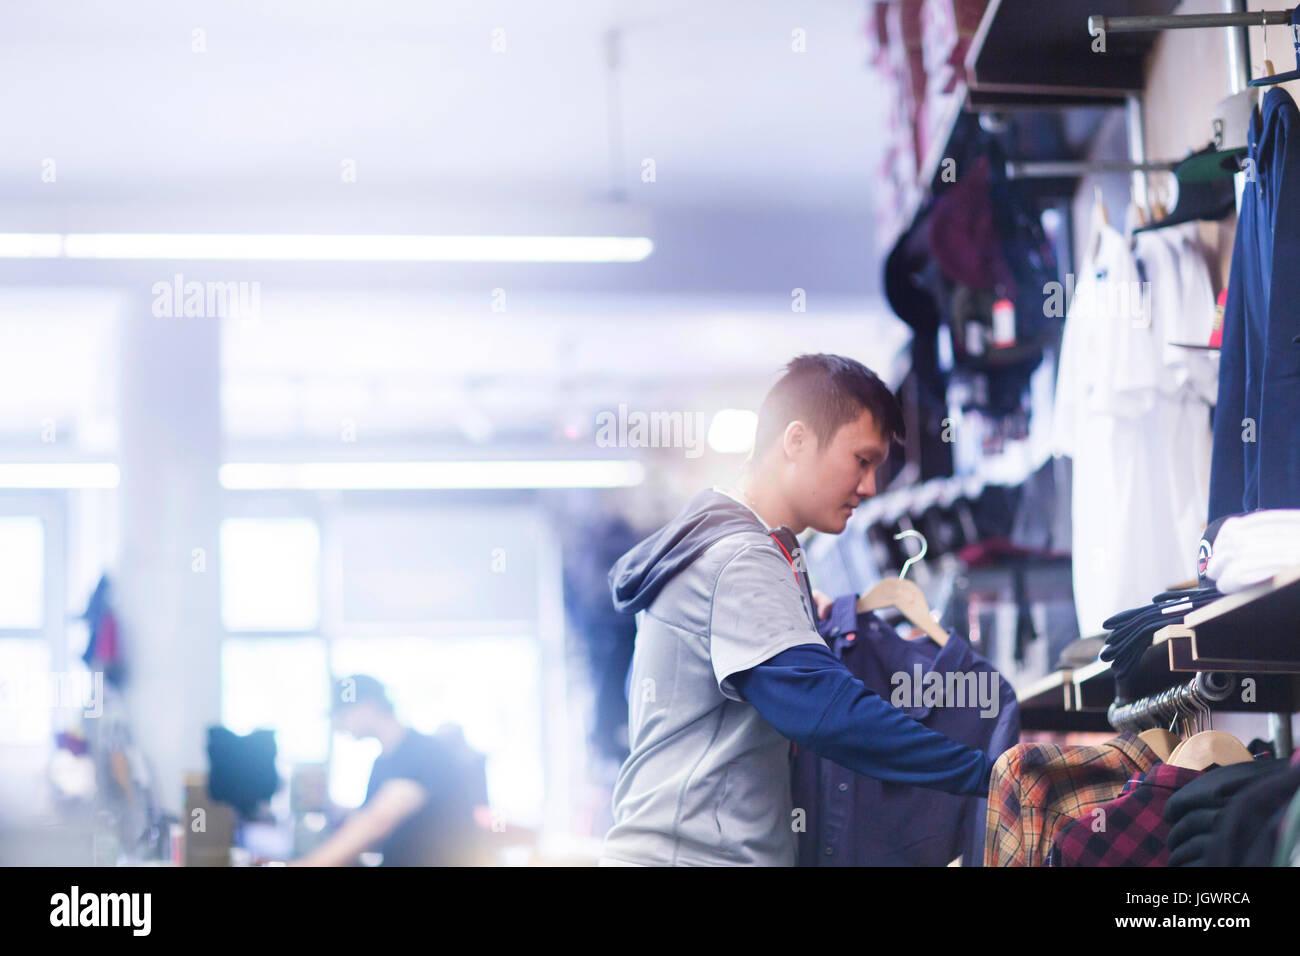 Giovane maschio guidatore di skateboard guardando shirt nel negozio di skateboard Immagini Stock